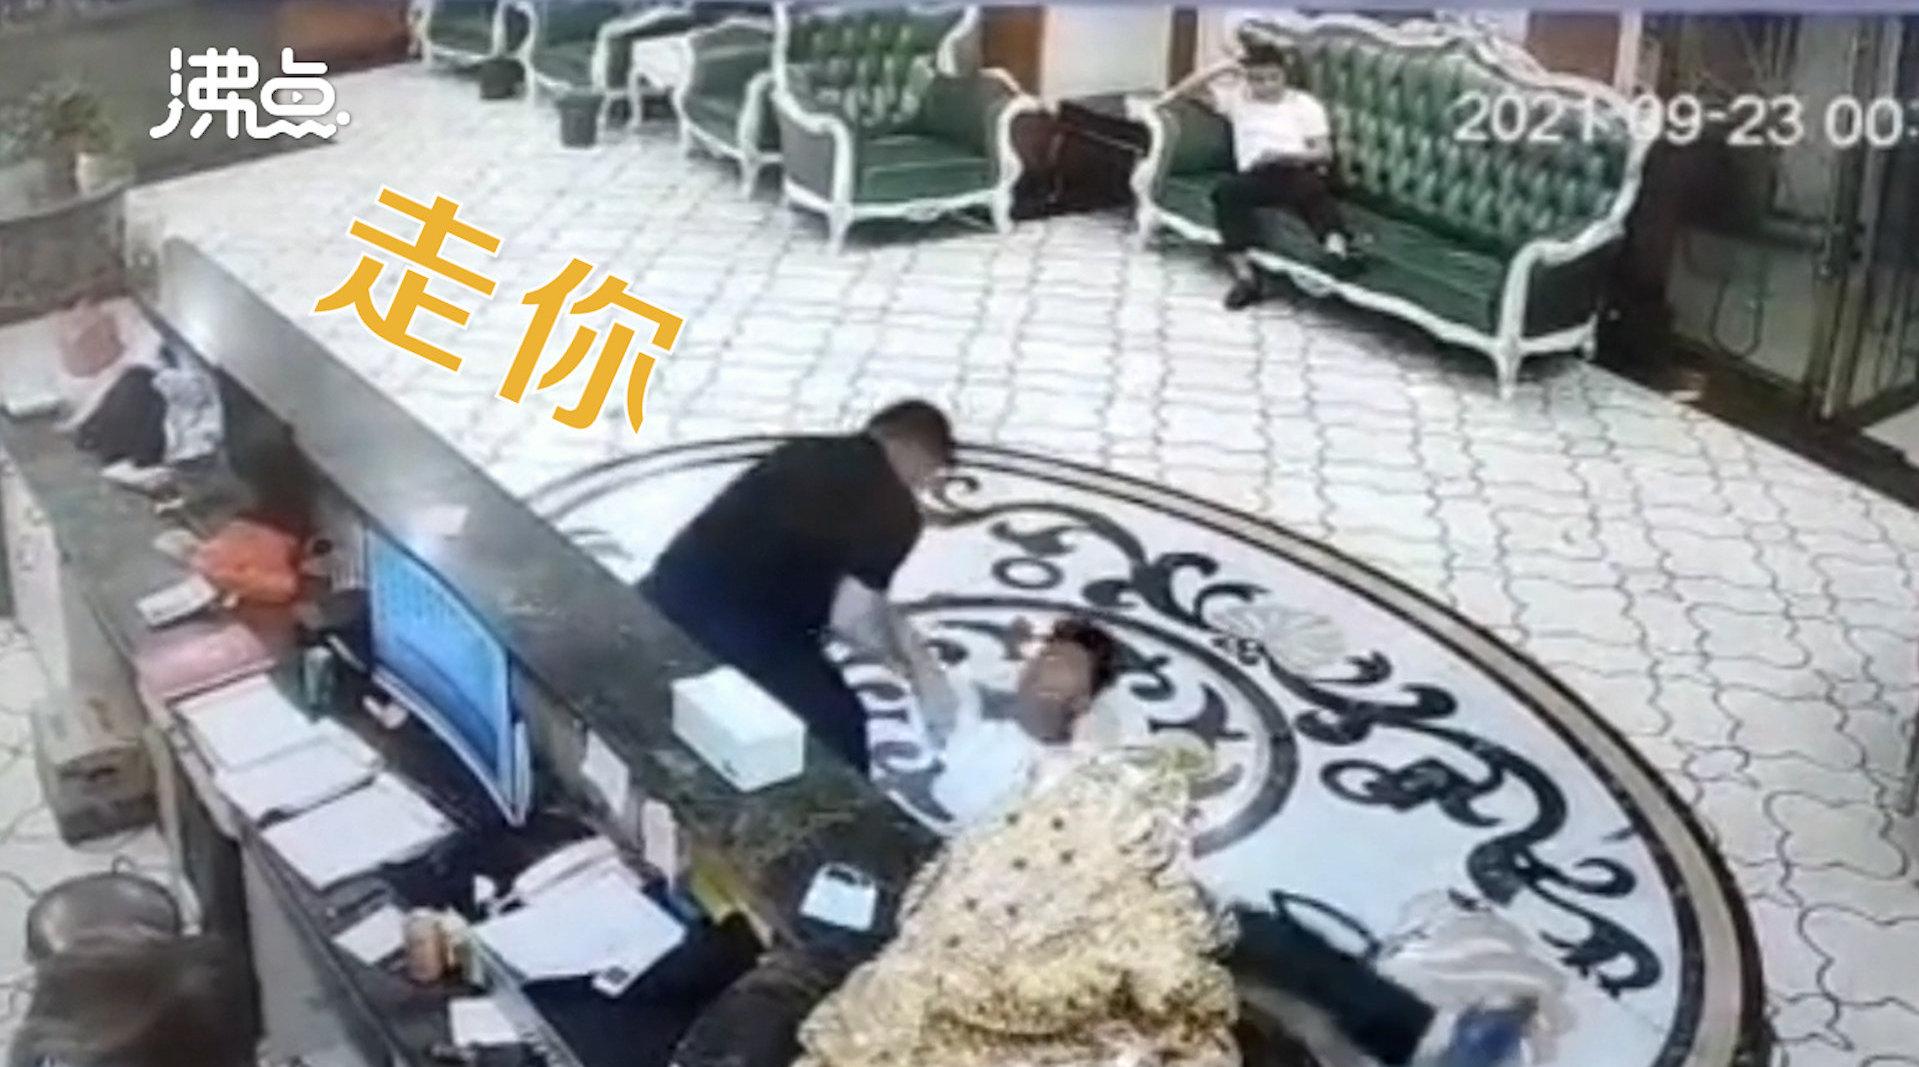 视频 | 大型社死!男子被搂脖认错人将其过肩摔:错认成特别熟的朋友